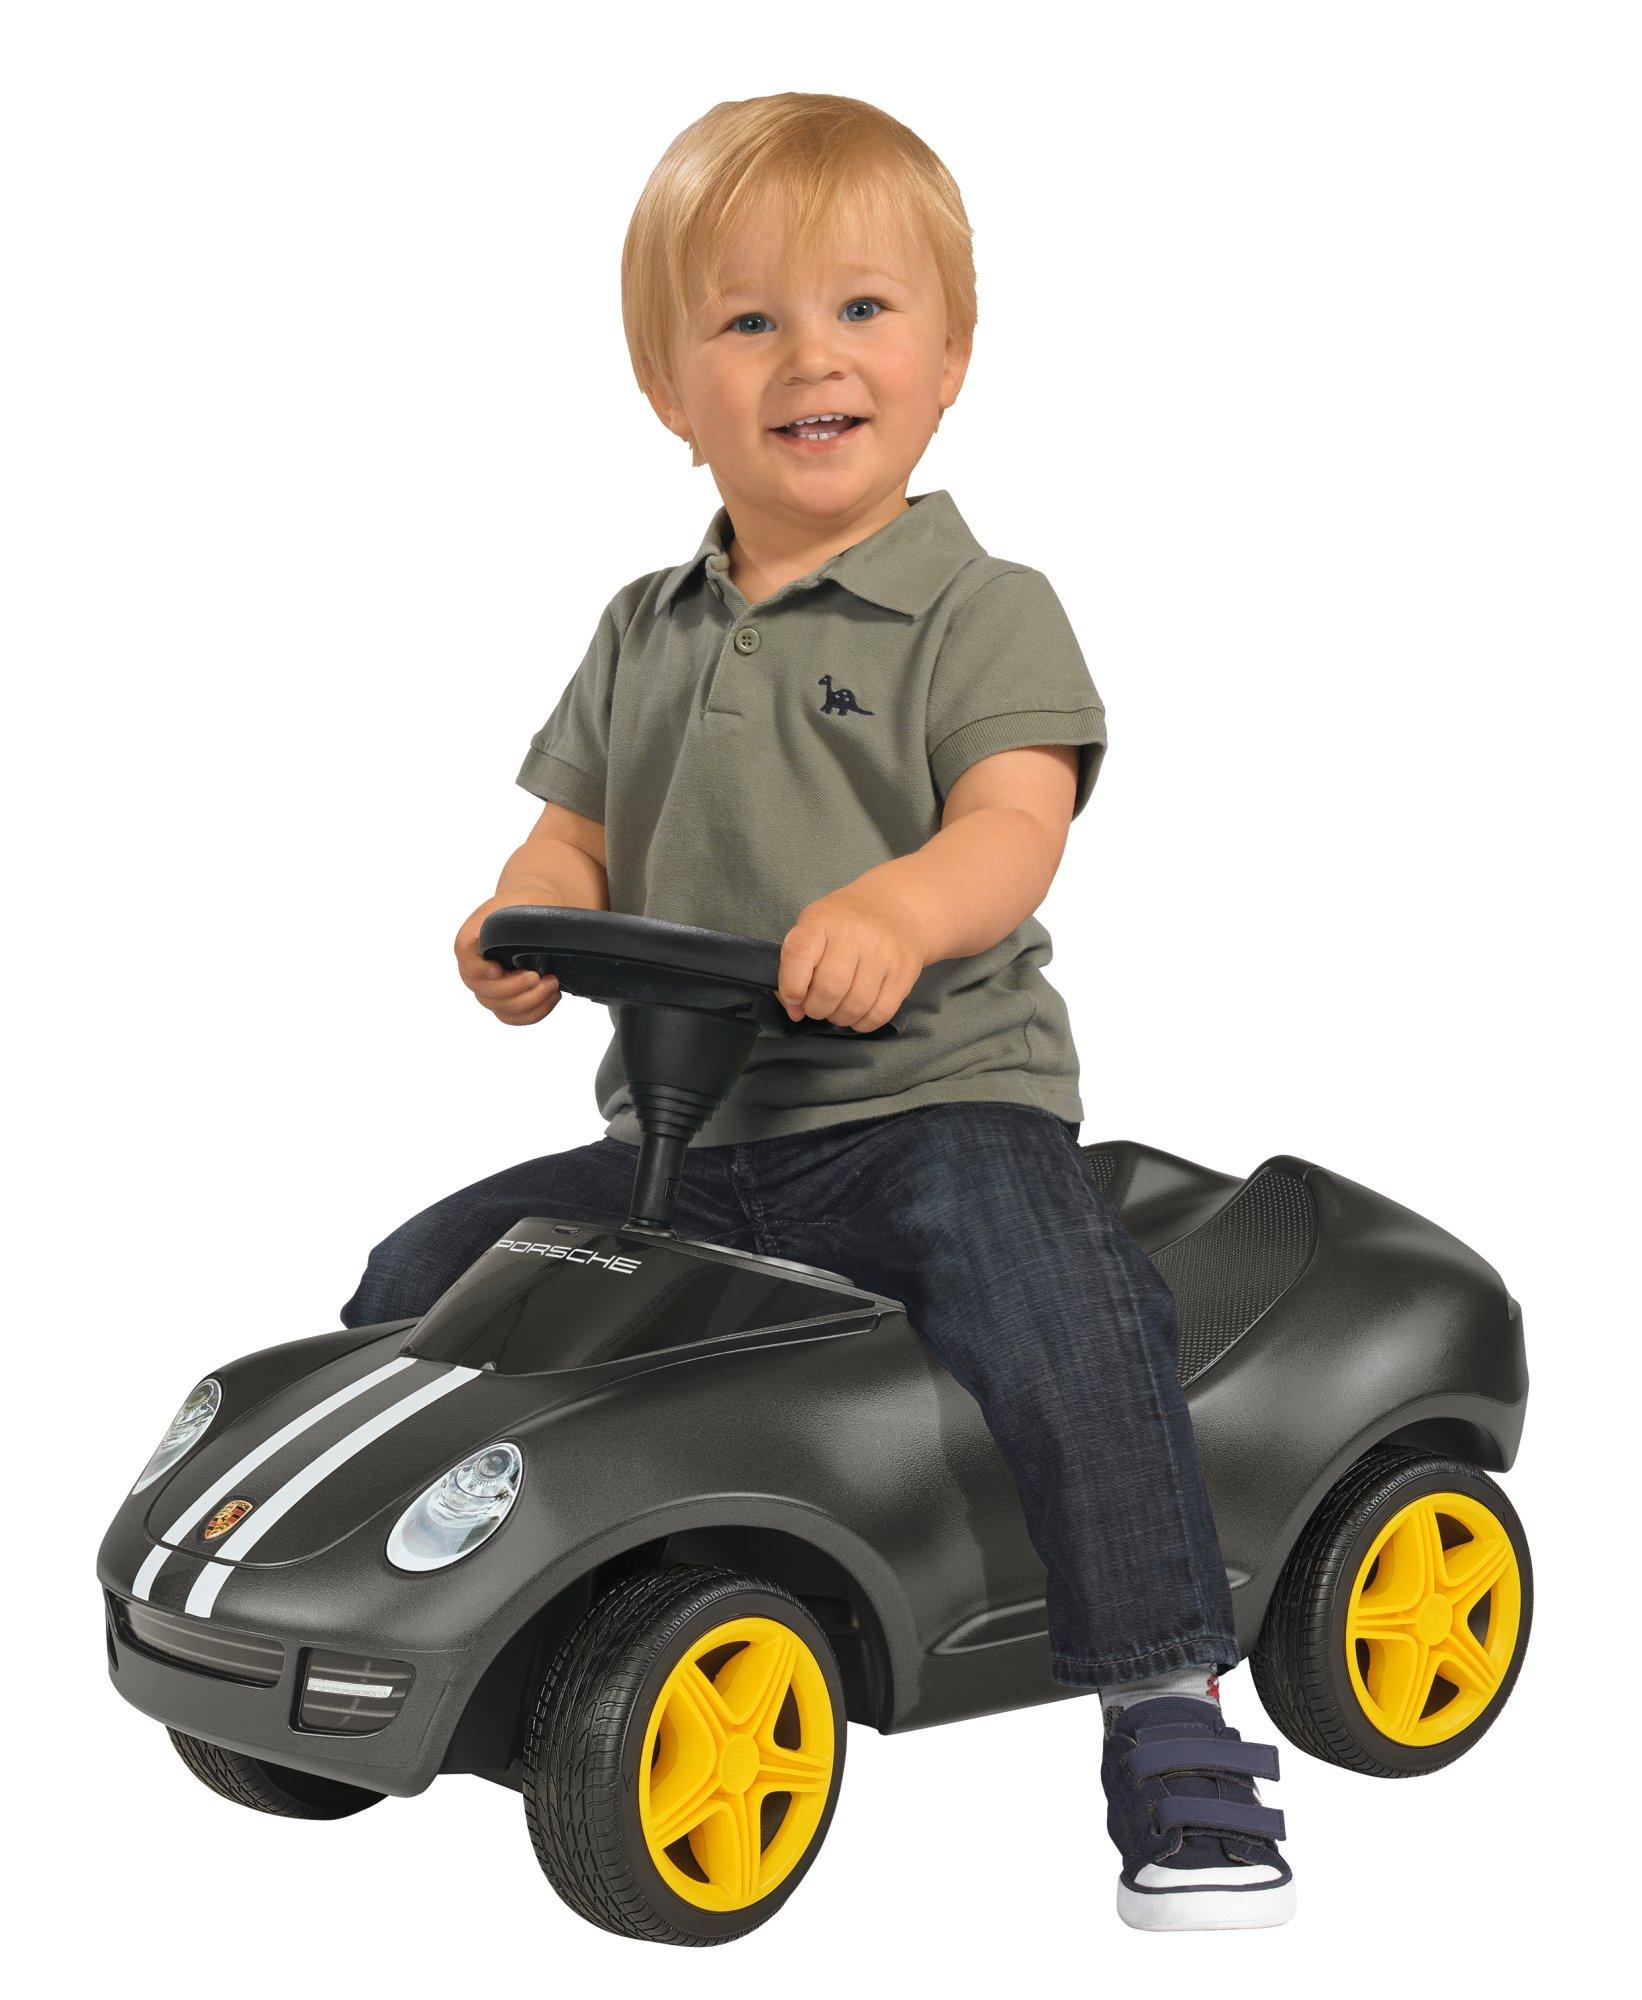 BIG Baby Porsche Ride-On Vehicle by BIG Spielwarenfabrik (Image #4)